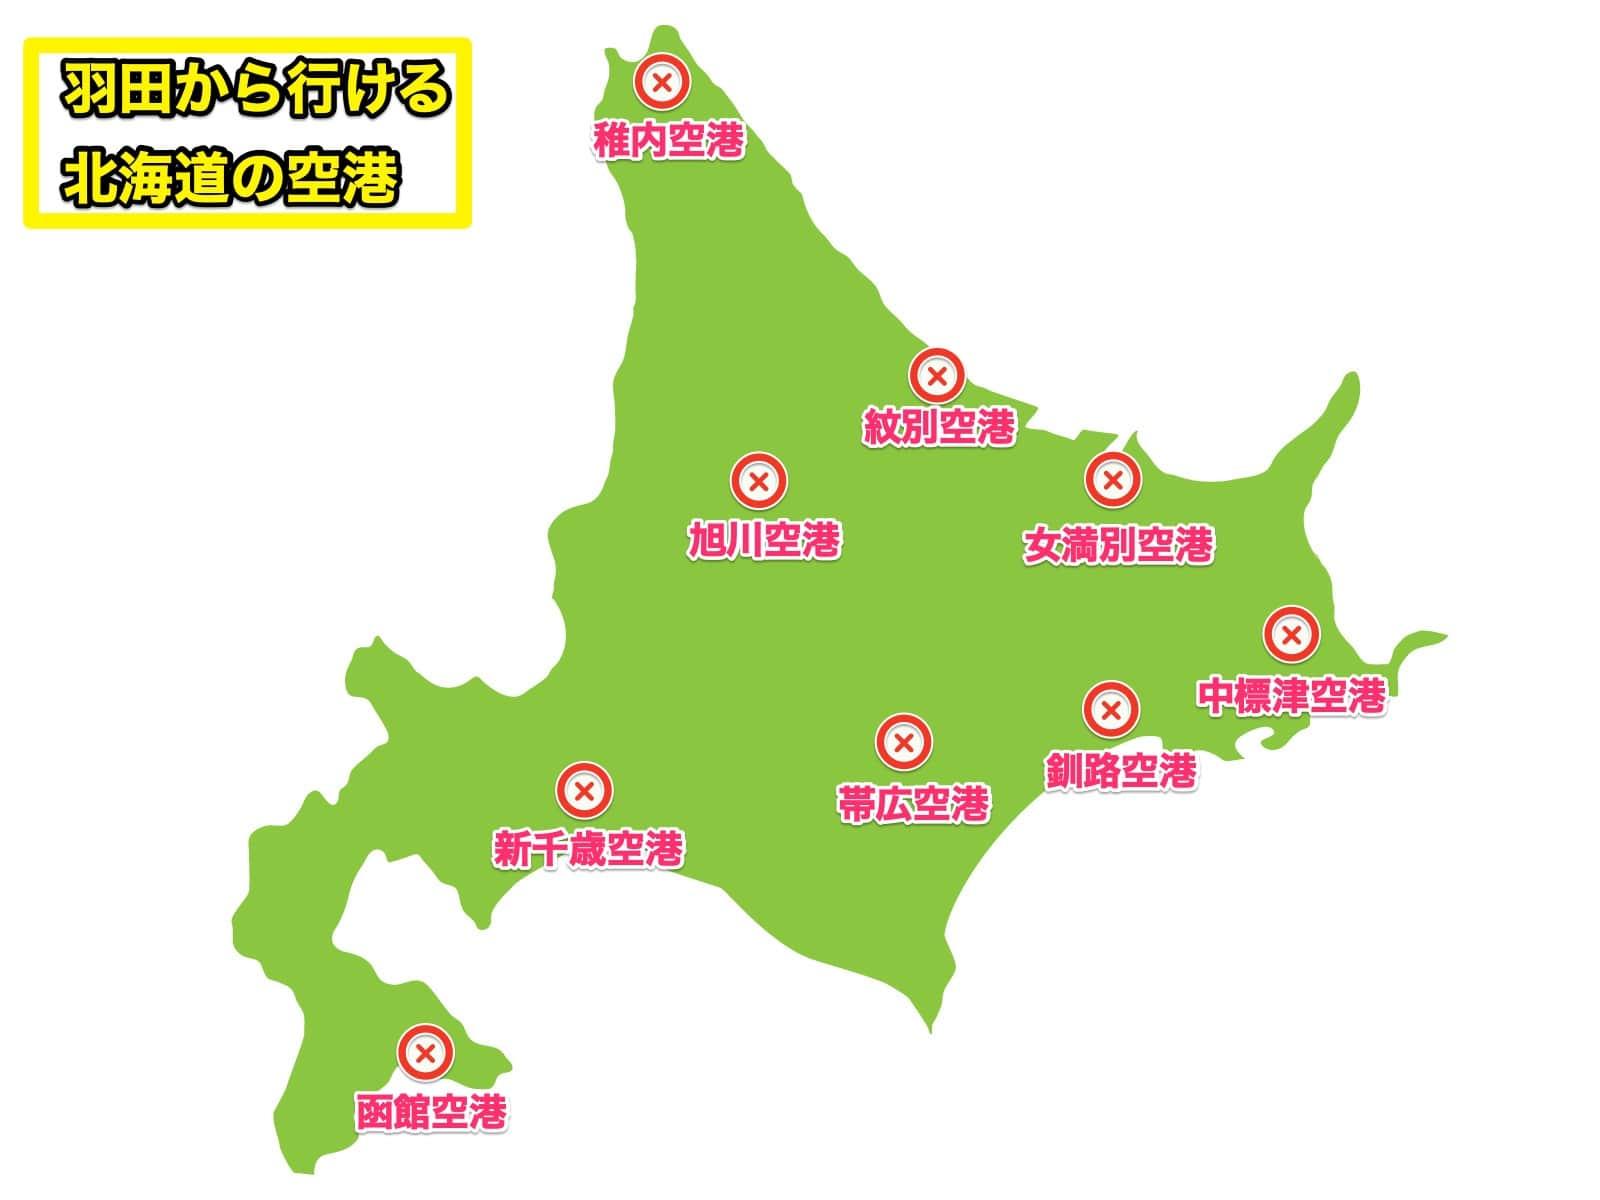 羽田空港から行ける北海道の空港地図